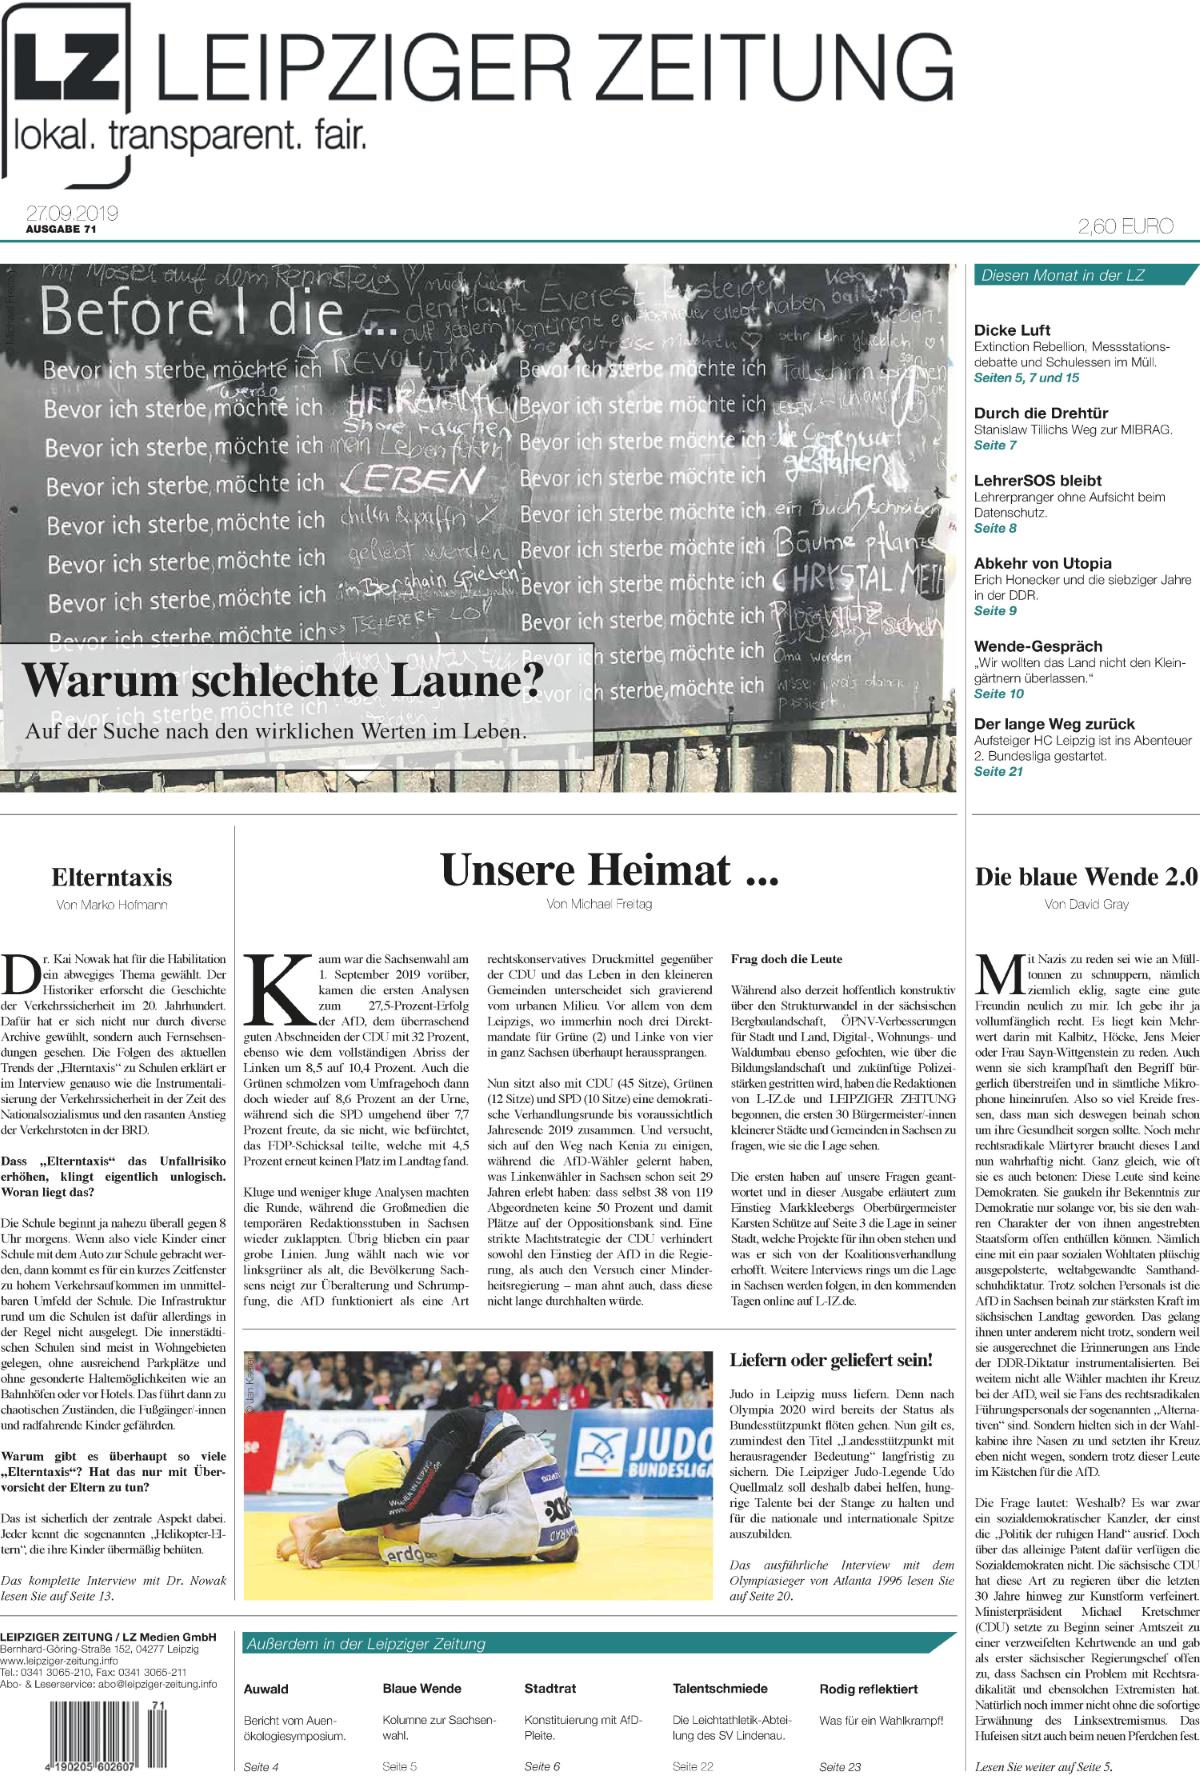 Die LEIPZIGER ZEITUNG Nr. 71, Ausgabe September 2019. Zum Lesen klicken. Foto: LZ